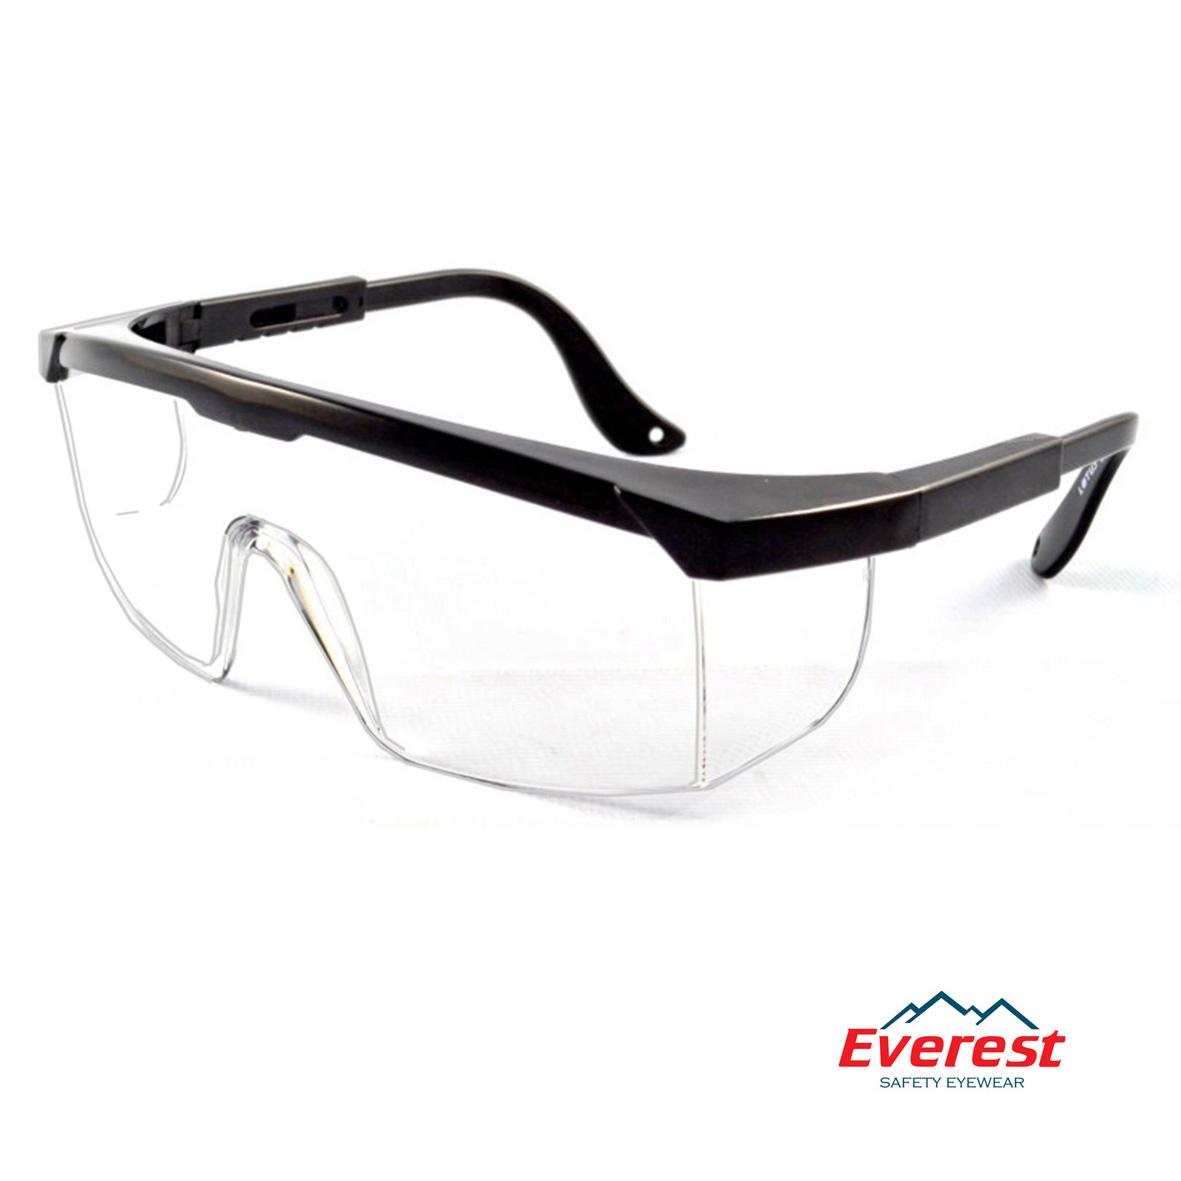 Kính bảo hộ EV105 màu trắng, kính chống bụi EV105 màu trắng, kính bảo hộ chống bụi, kính chống bụi EV105, kính chống tia uv EV105